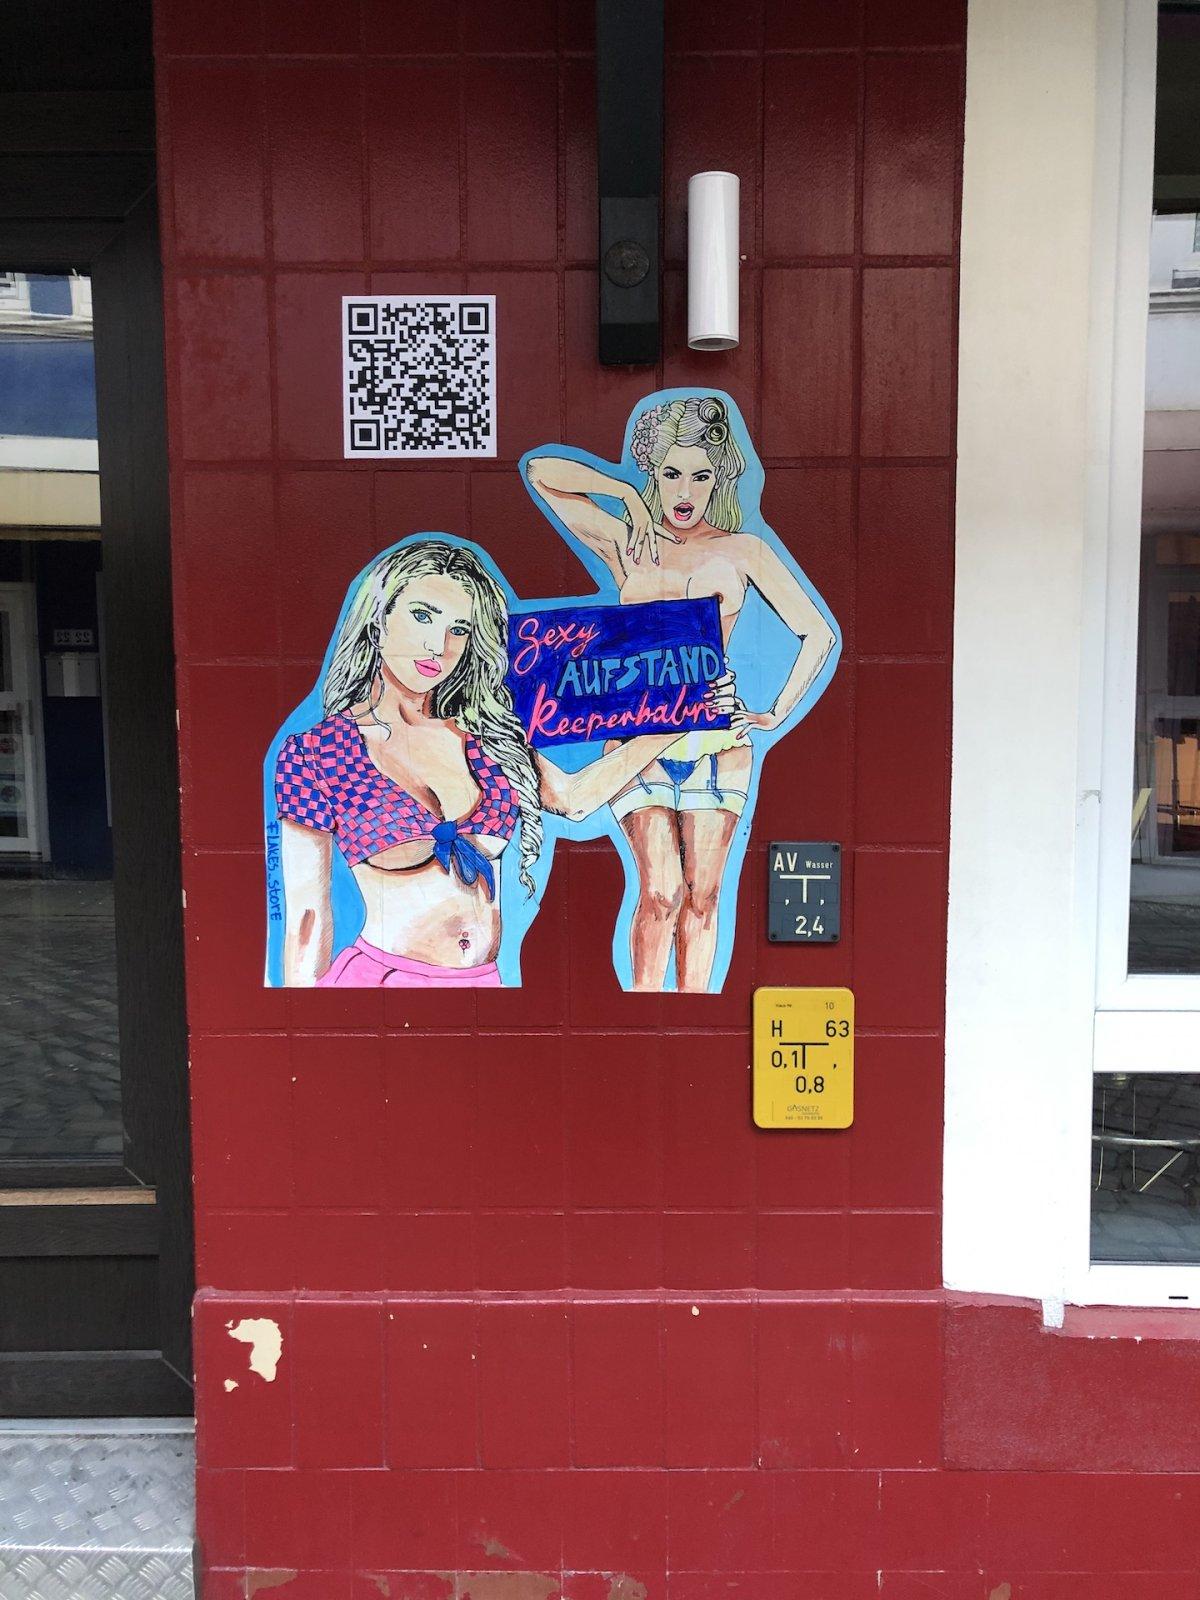 pasteup-1-sexy-aufstand-reeperbahn-galerie-hamburg-popstreetshop